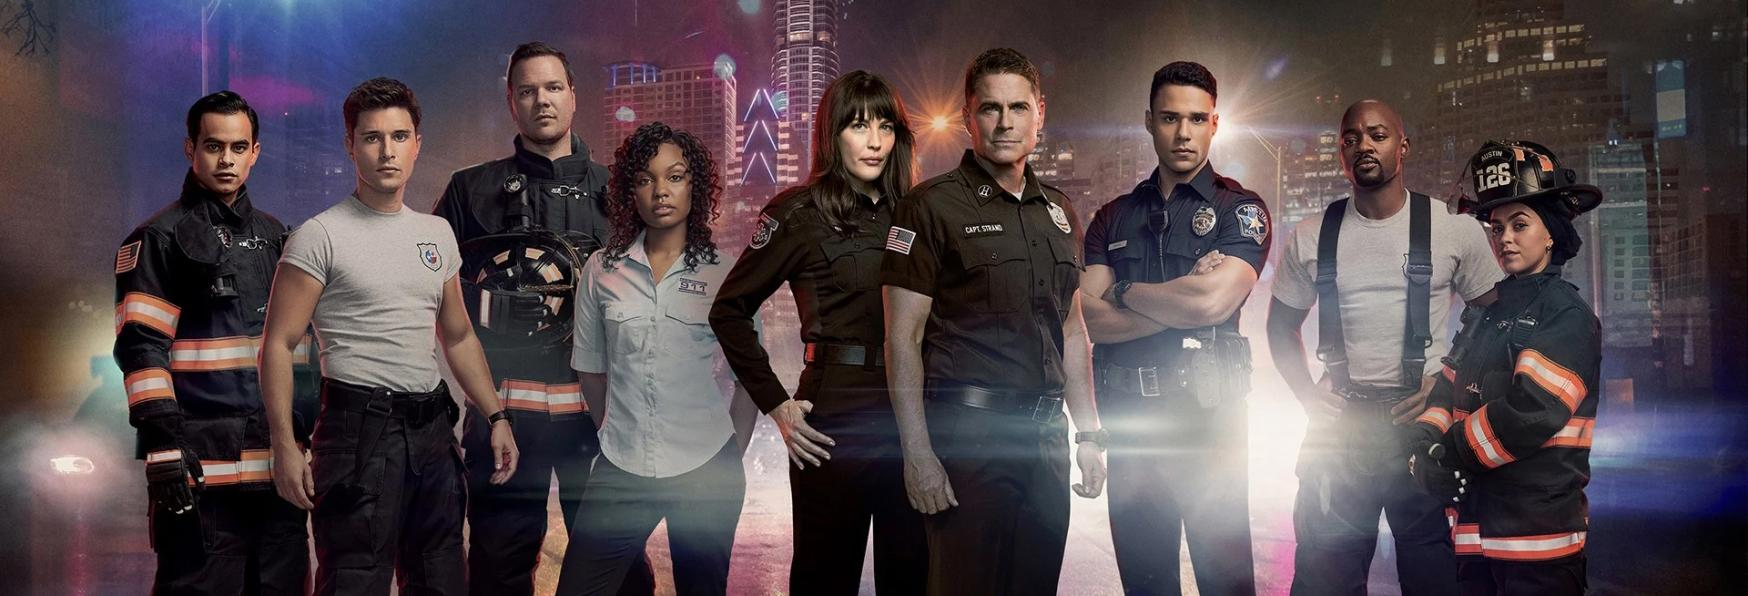 9-1-1: Lone Star - Recensione del primi 2 Episodi della Serie TV Spin-off